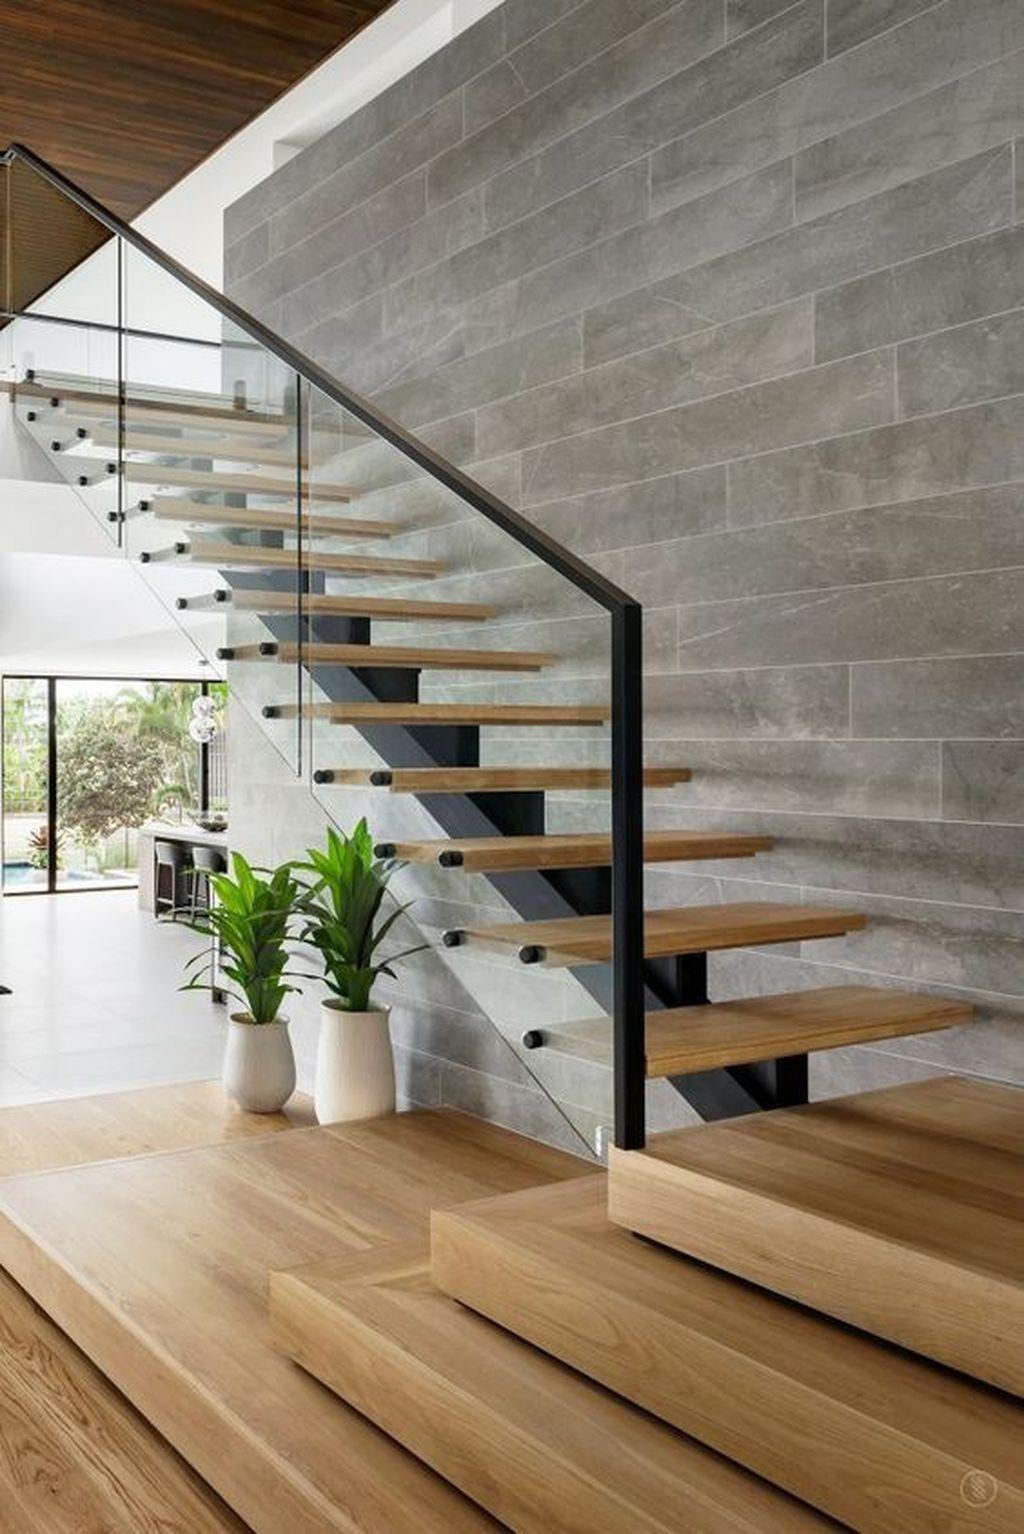 Лестницы в интерьере: выбор конструкции и дизайнерские идеи оформления